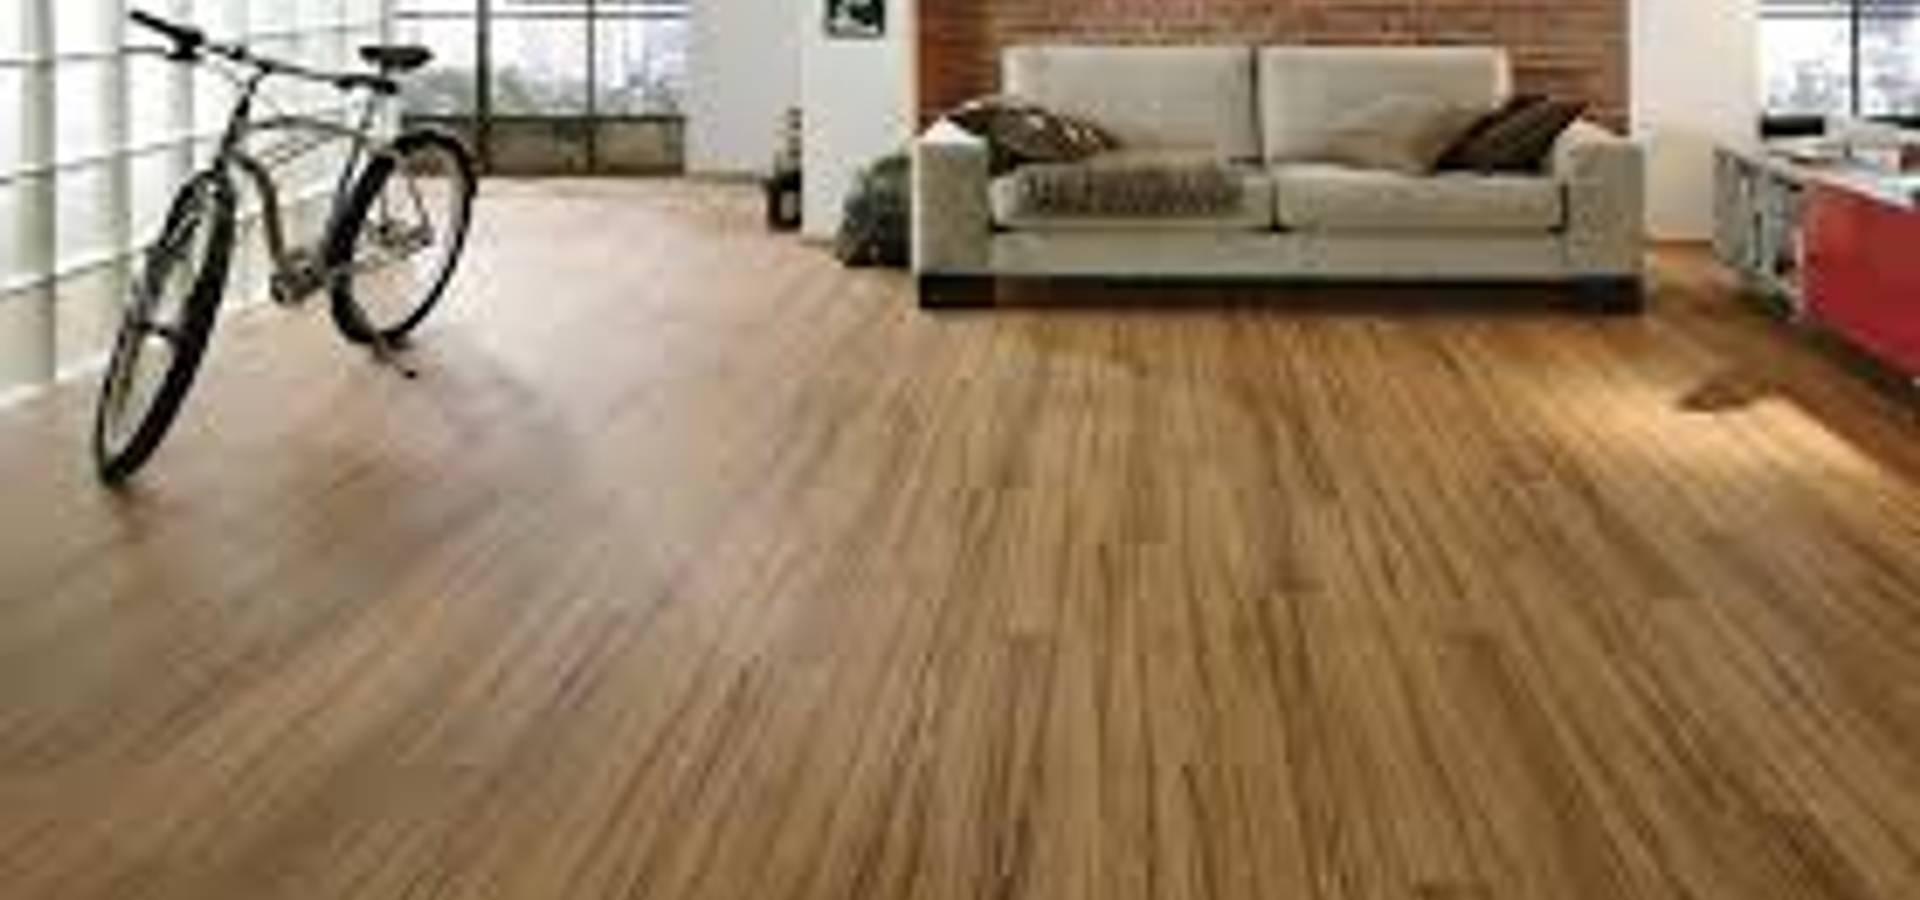 Pavimenti Moderni Senza Fughe gres effetto legno senza fuga by gres effetto legno senza